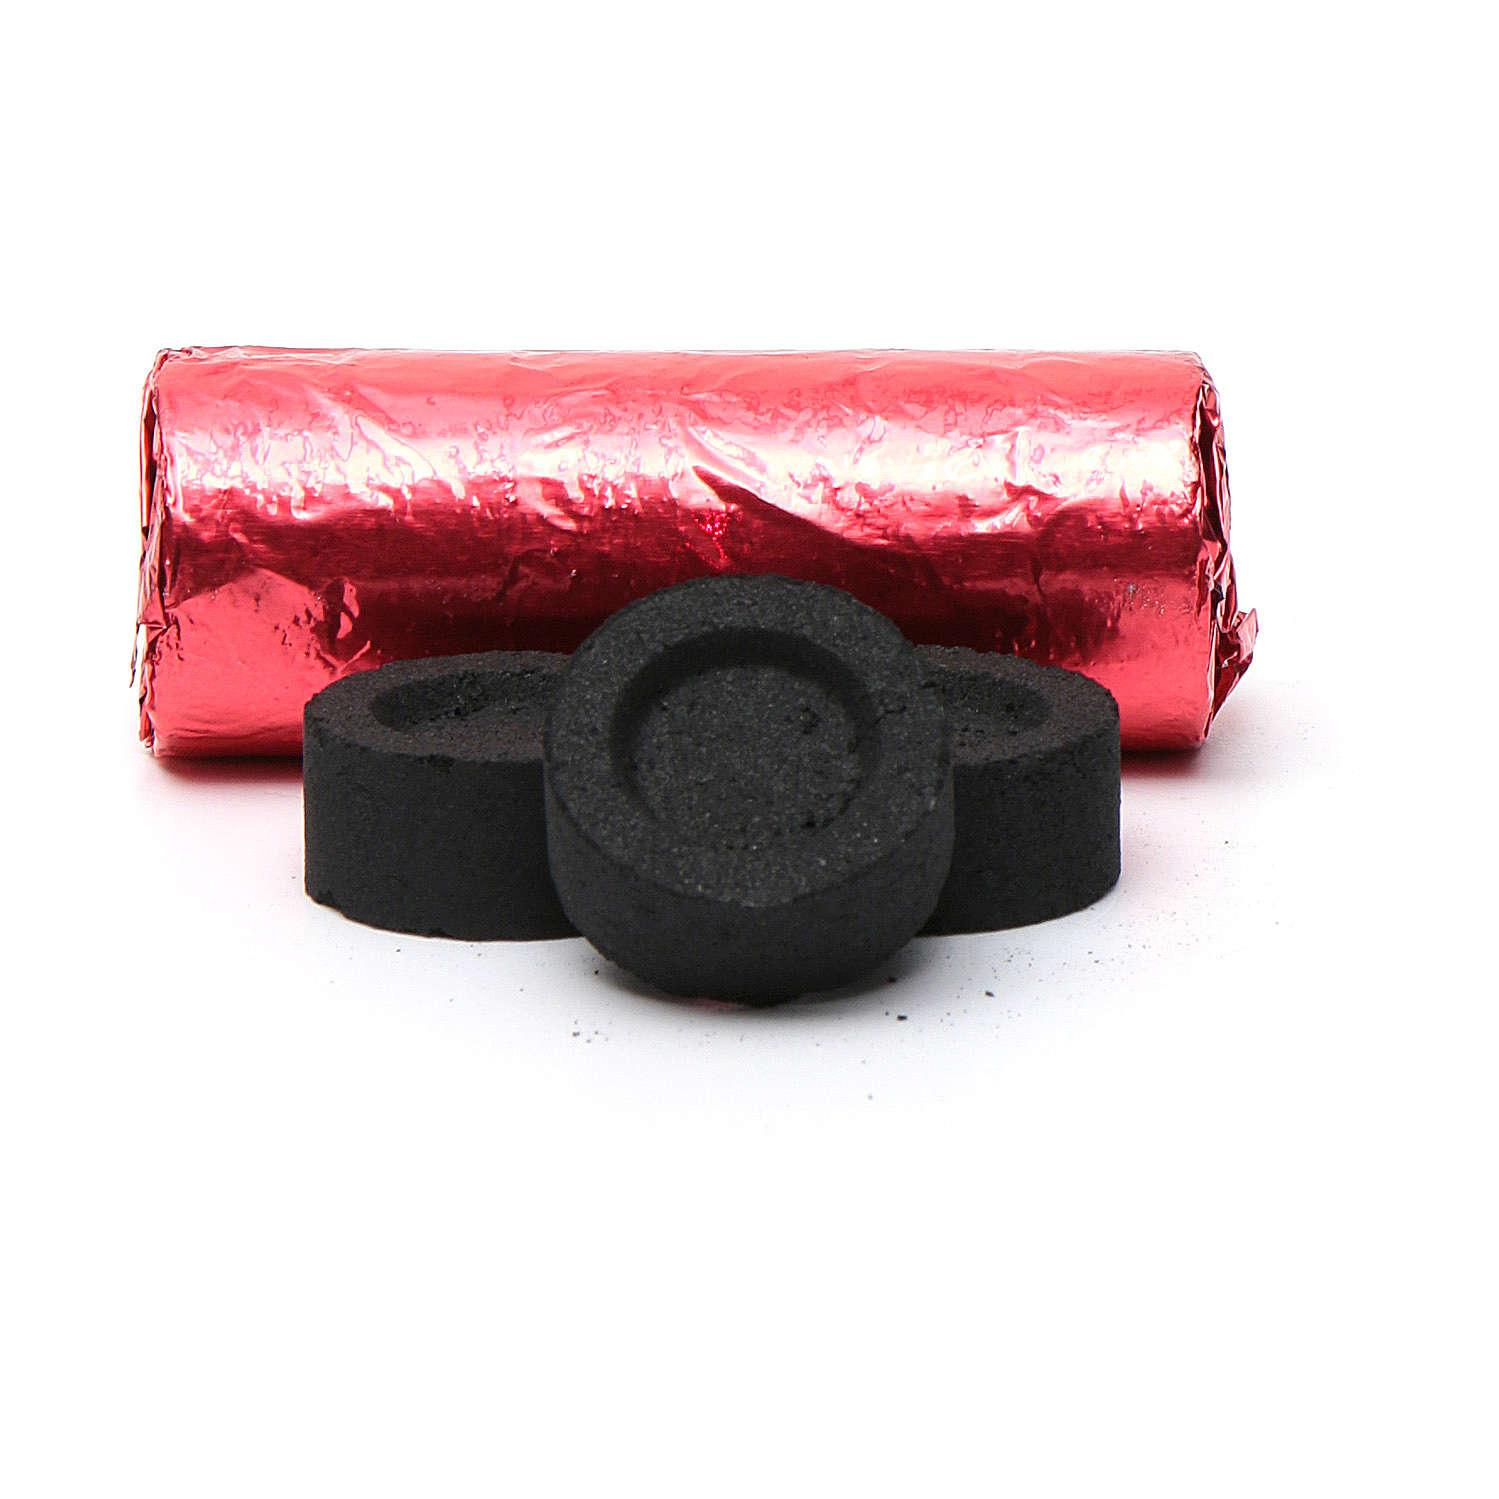 Carboncillos Griegos para Incienso, diám. 2,2 cm - 144 unidades - 40 min. 3